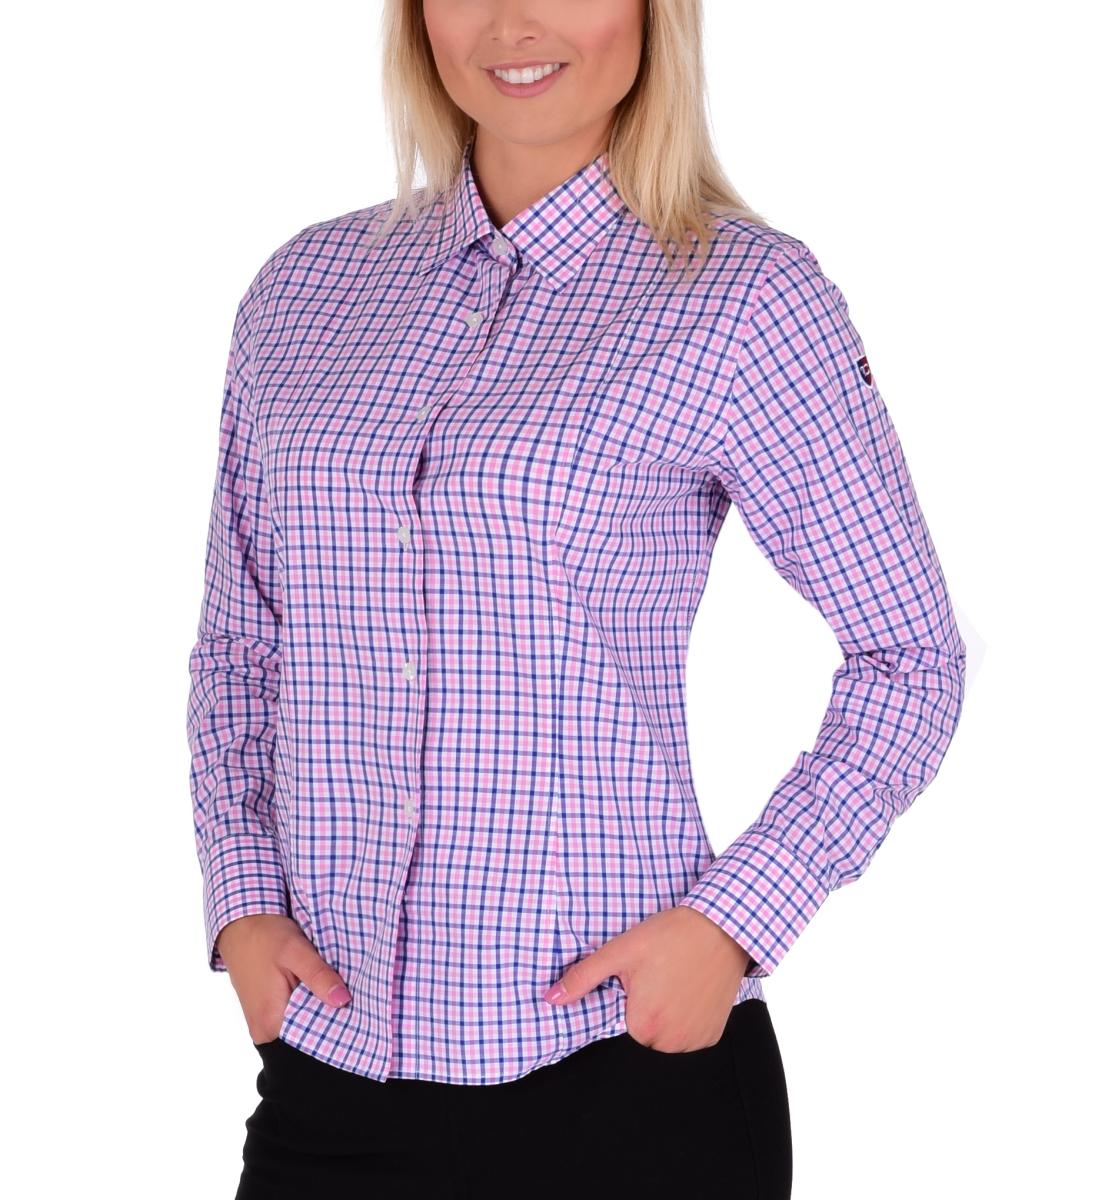 SOPHIA košile  slim fit s dlouhým rukávem blue & pink caro  vel. XL